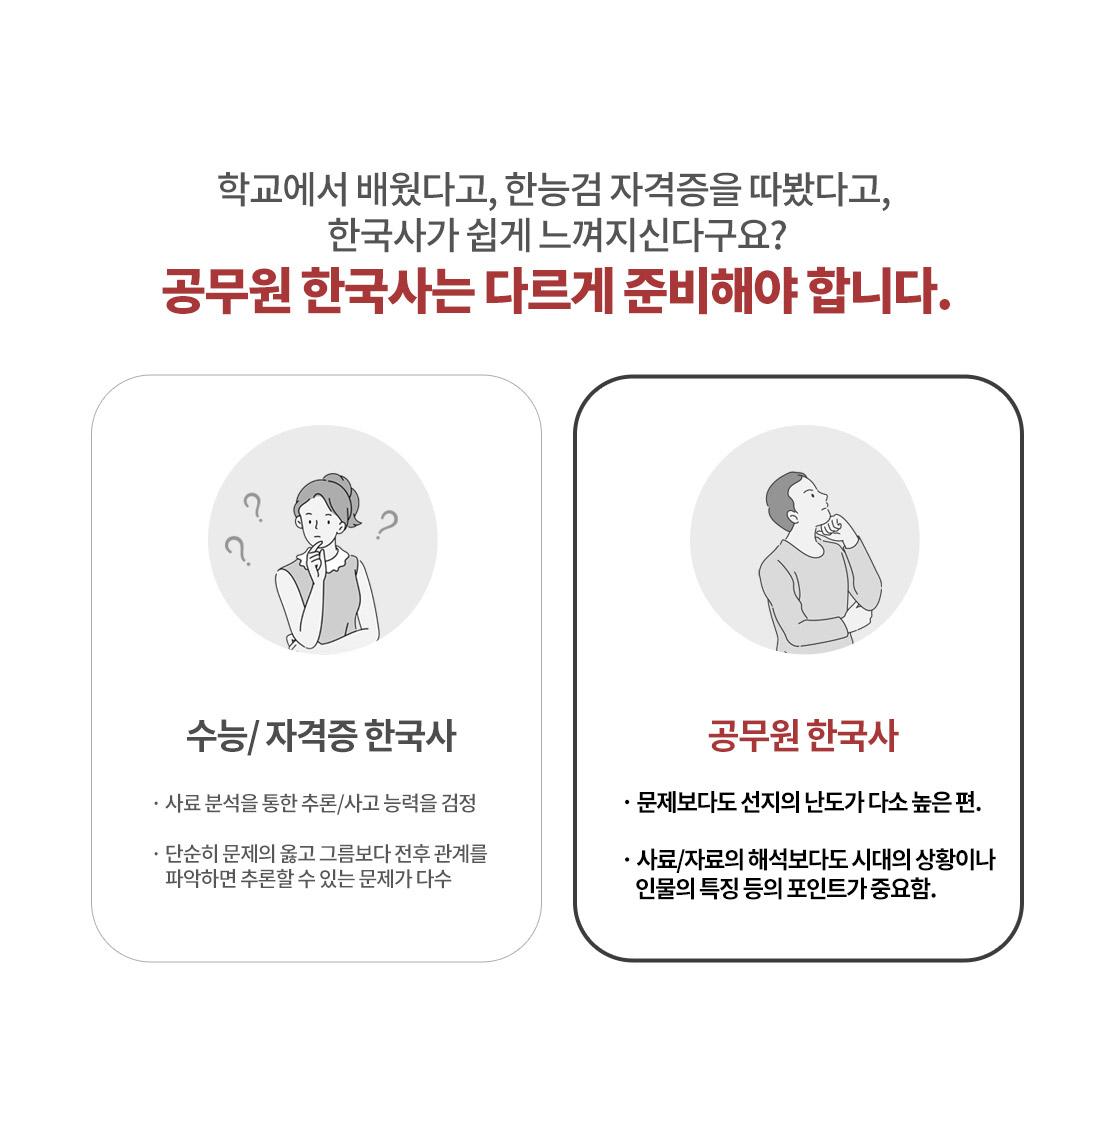 공무원 한국사는 다르게 준비해야 합니다.